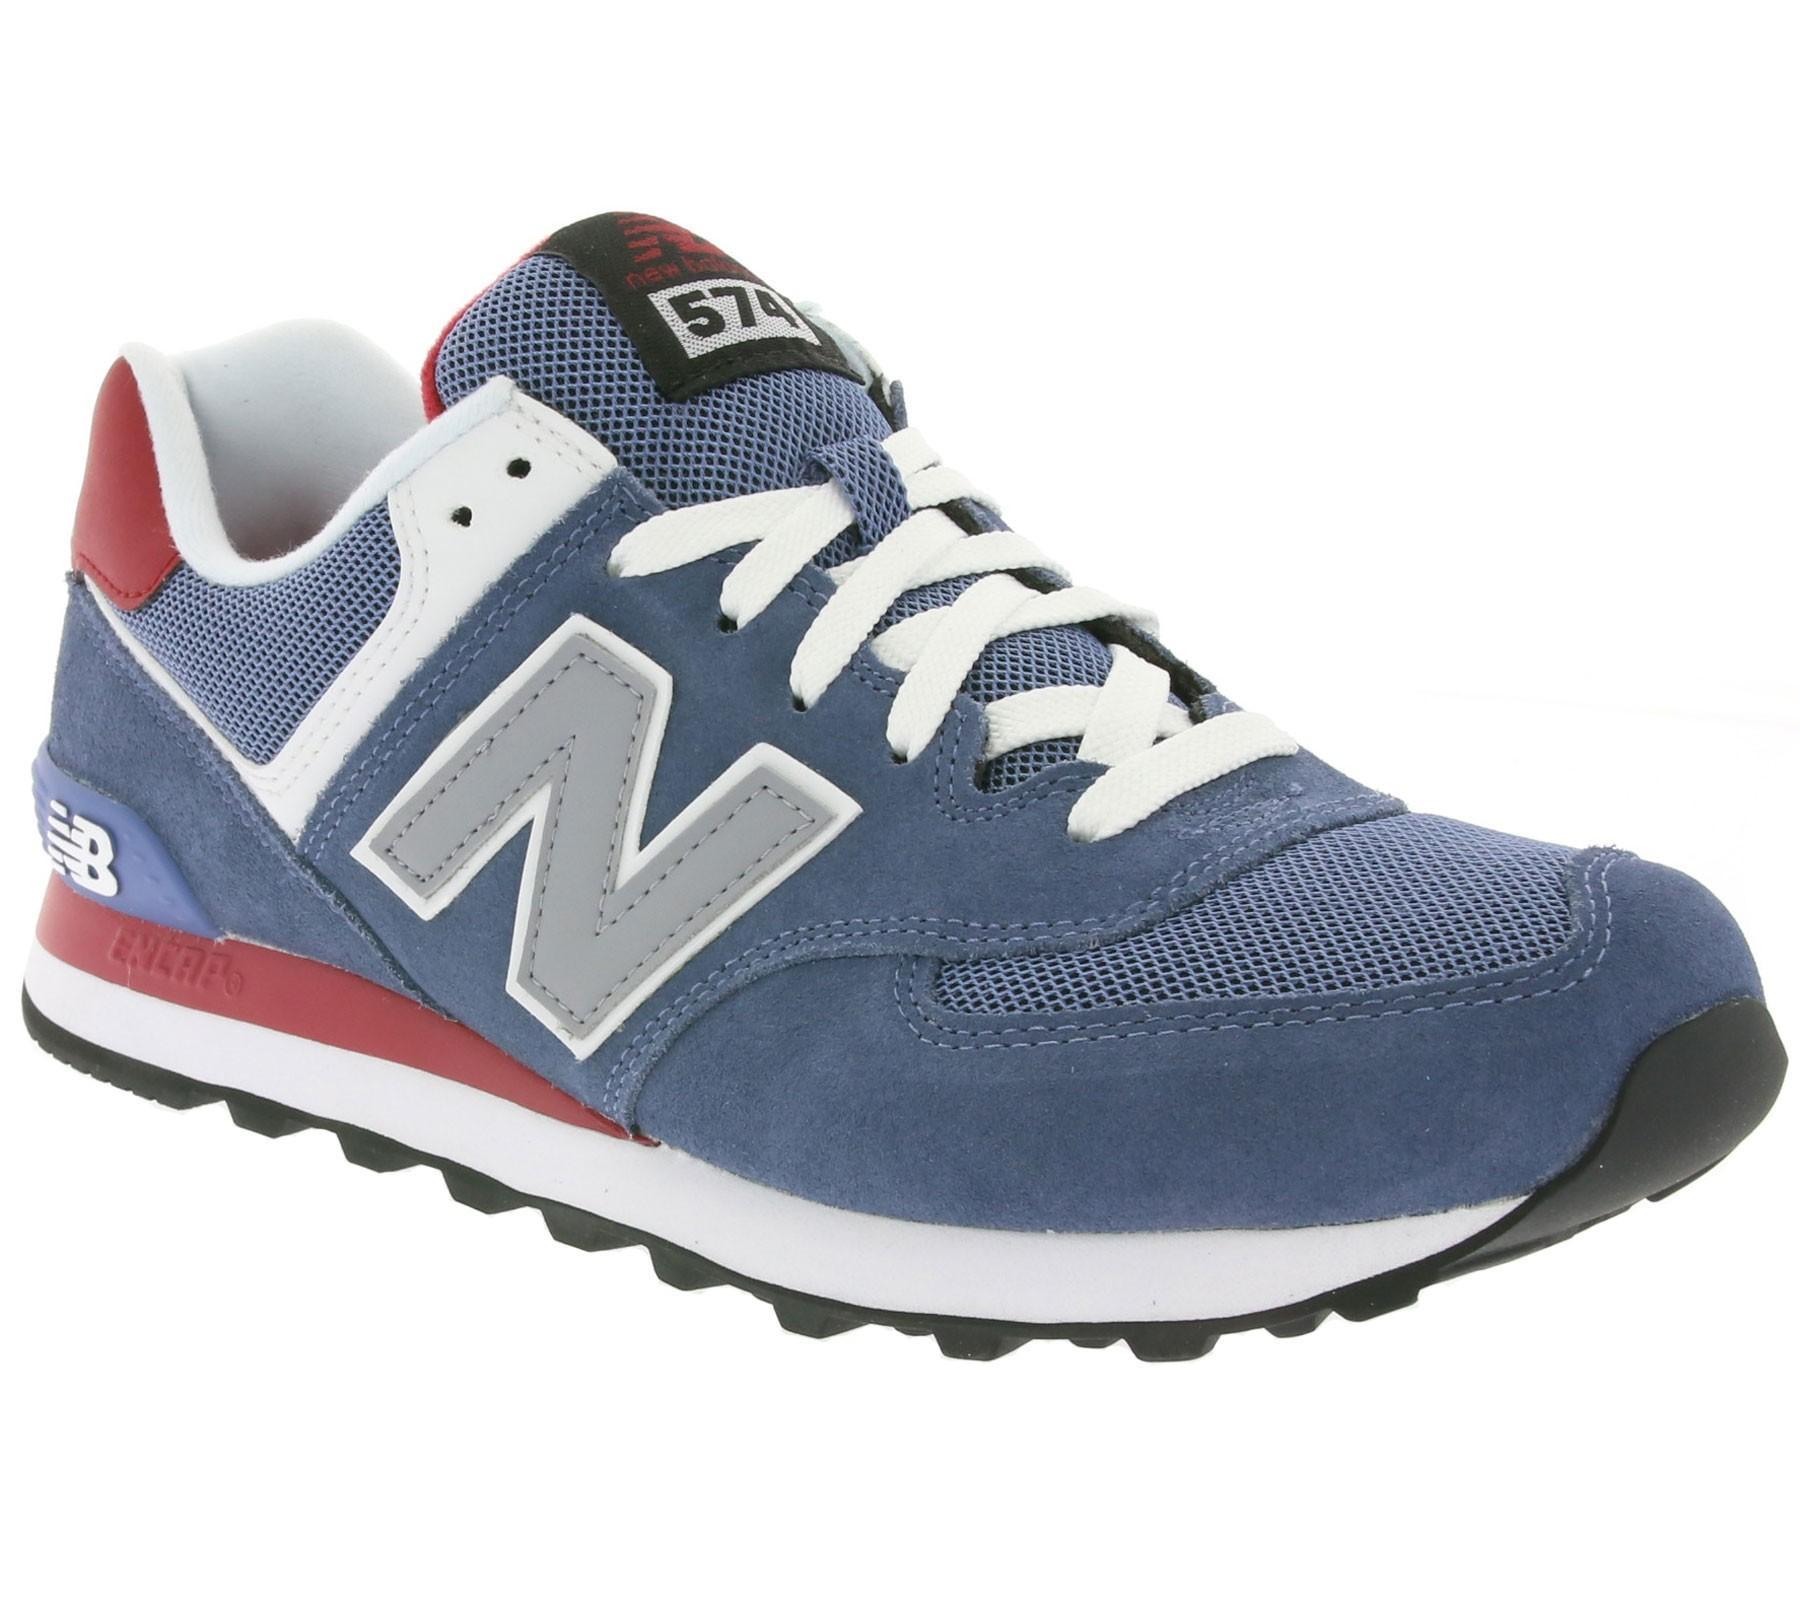 Chaussures New Balance 574 - Différents modèles